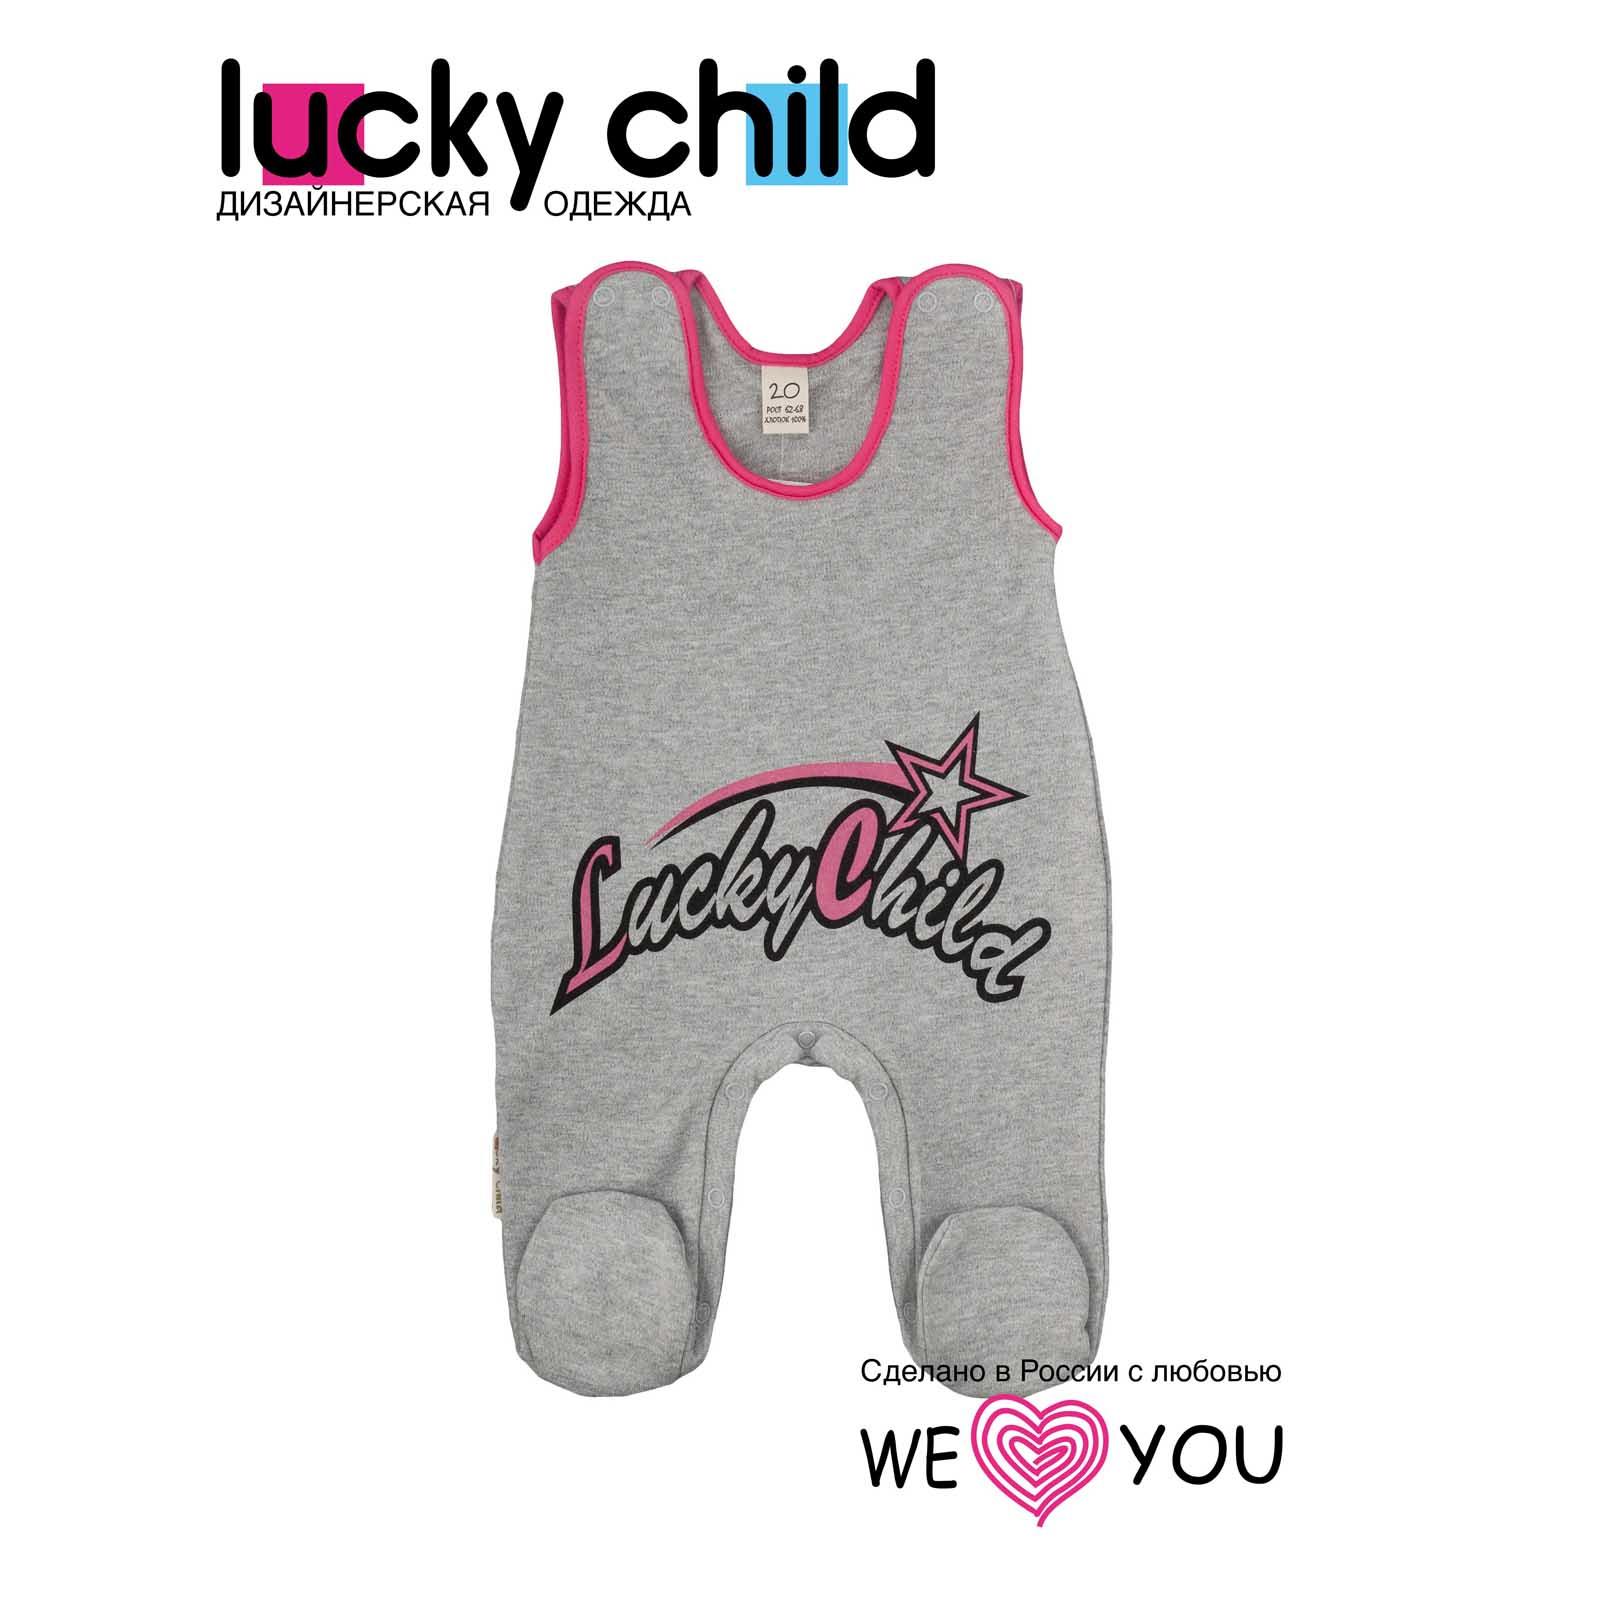 Ползунки высокие Lucky Child Лаки Чайлд  коллекция Спортивная линия,  для девочки серые с принтом размер 56<br>